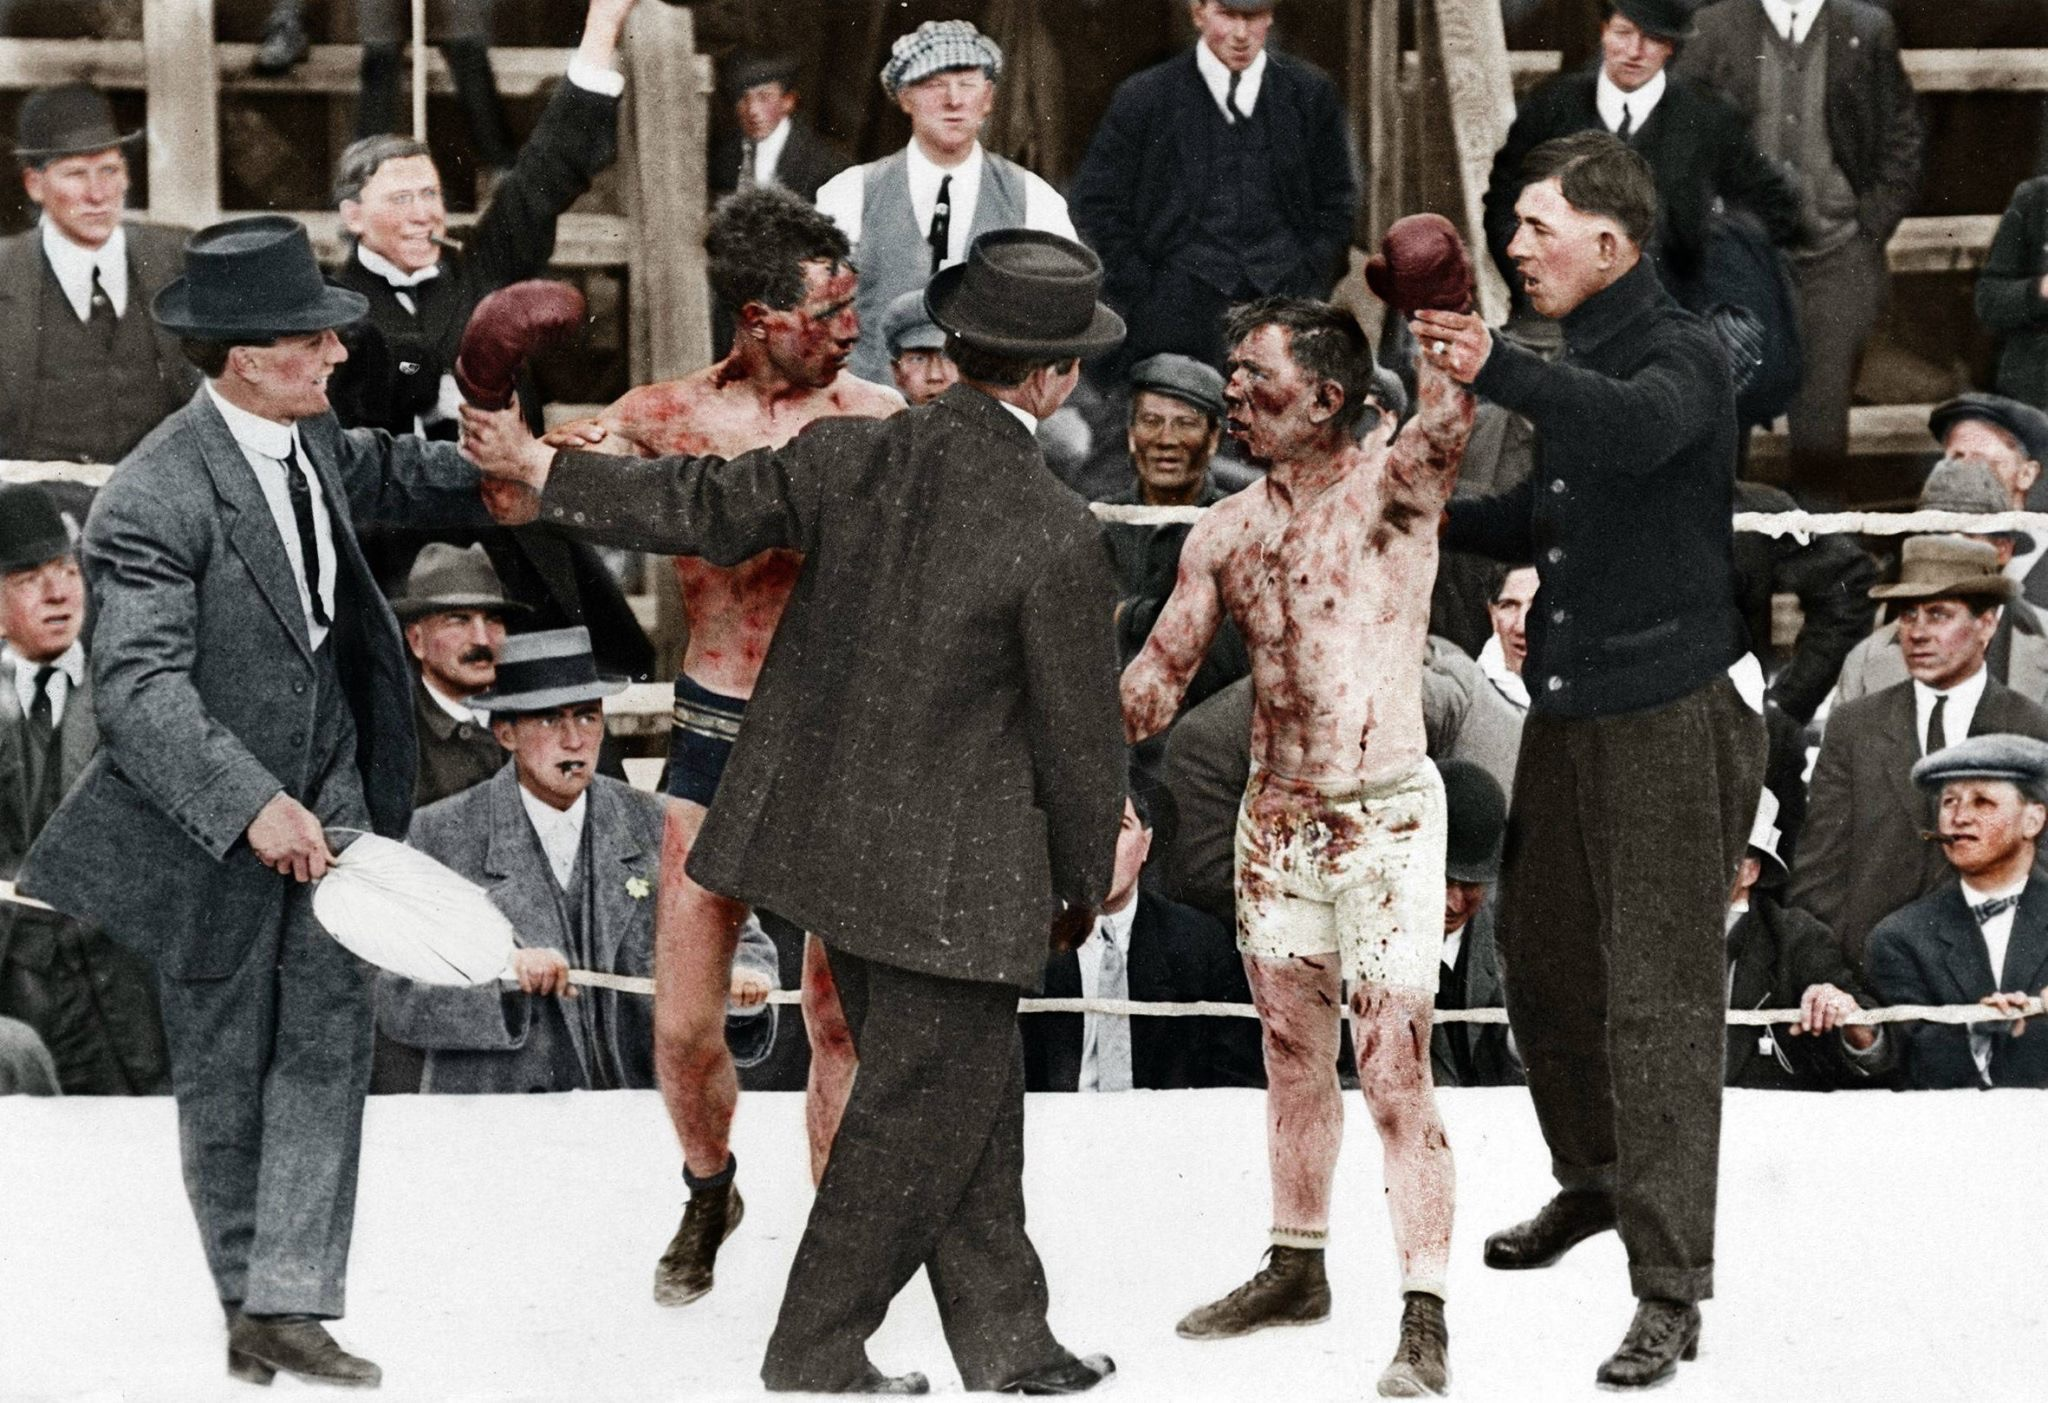 Боксерский поединок между Реем Кэмпбеллом и Диком Хайлендом, 1913 год, Канада